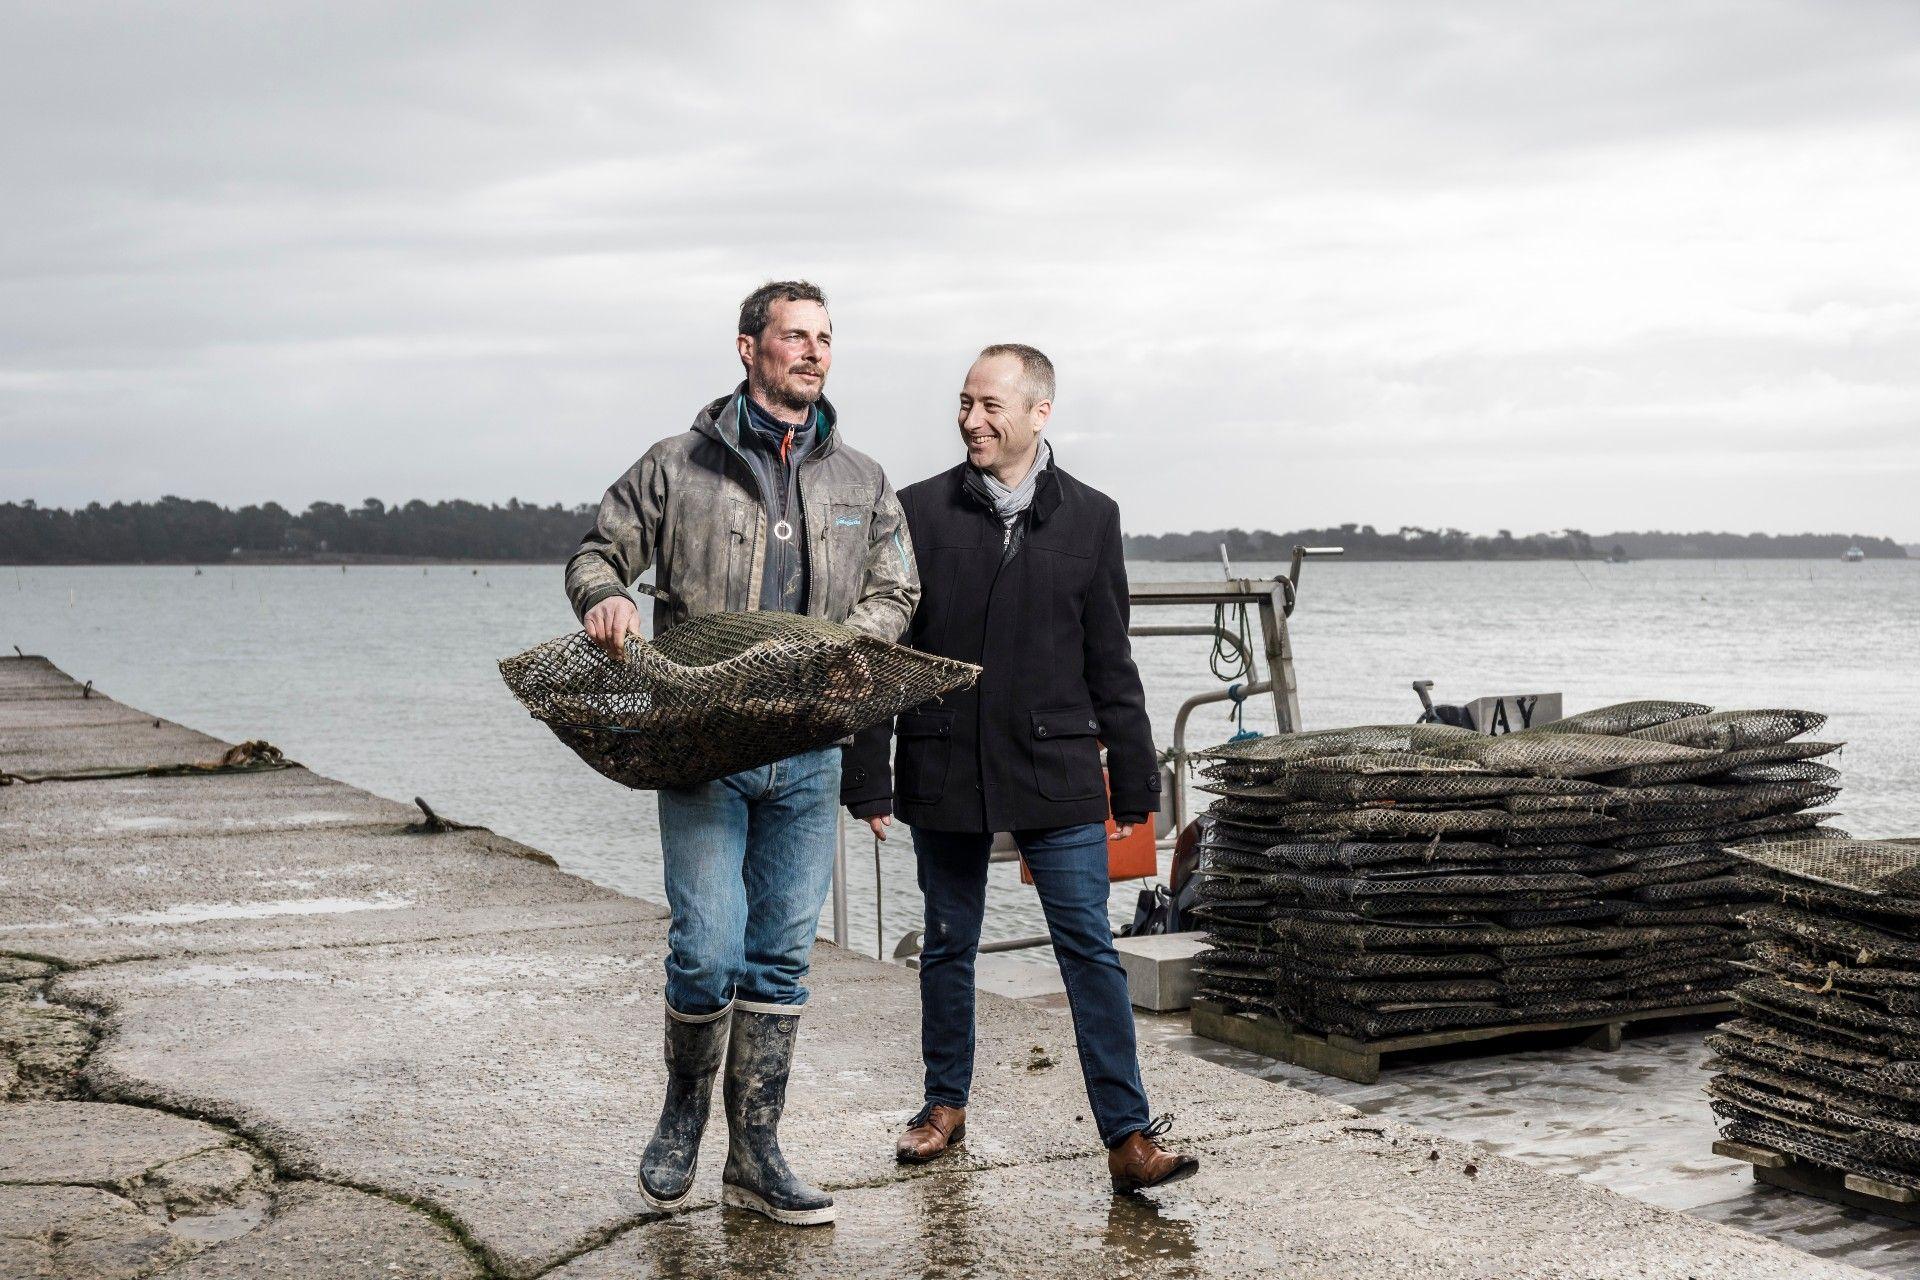 Erwan Frick (Ostréiculteur, Les huîtres d'Evariste, à Locmariaquer) & Denis Ollo (Directeur de l'agence Crédit Maritime d'Auray)